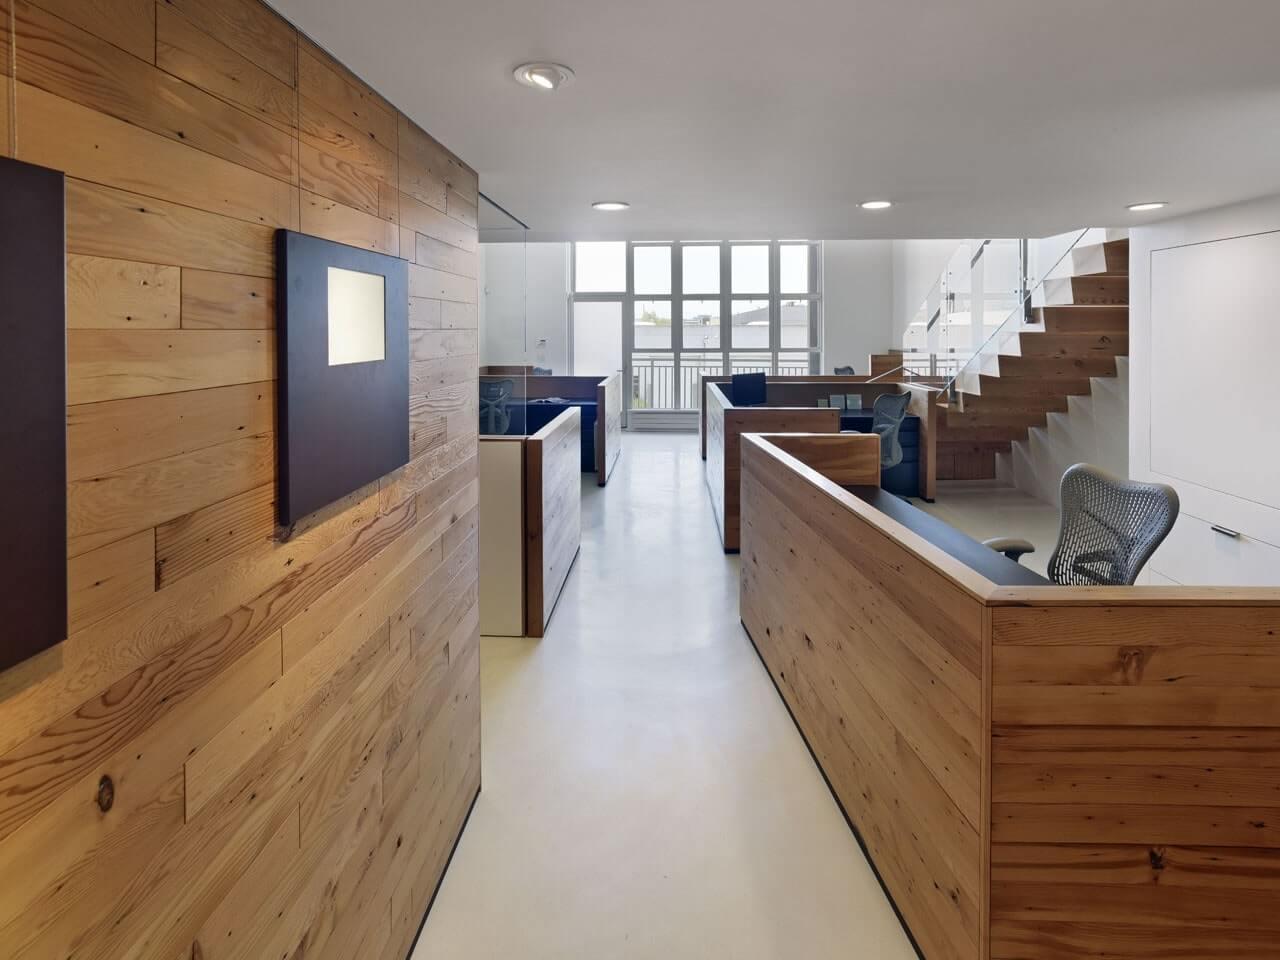 xu hướng thiết kế văn phòng hiện đại mới nhất